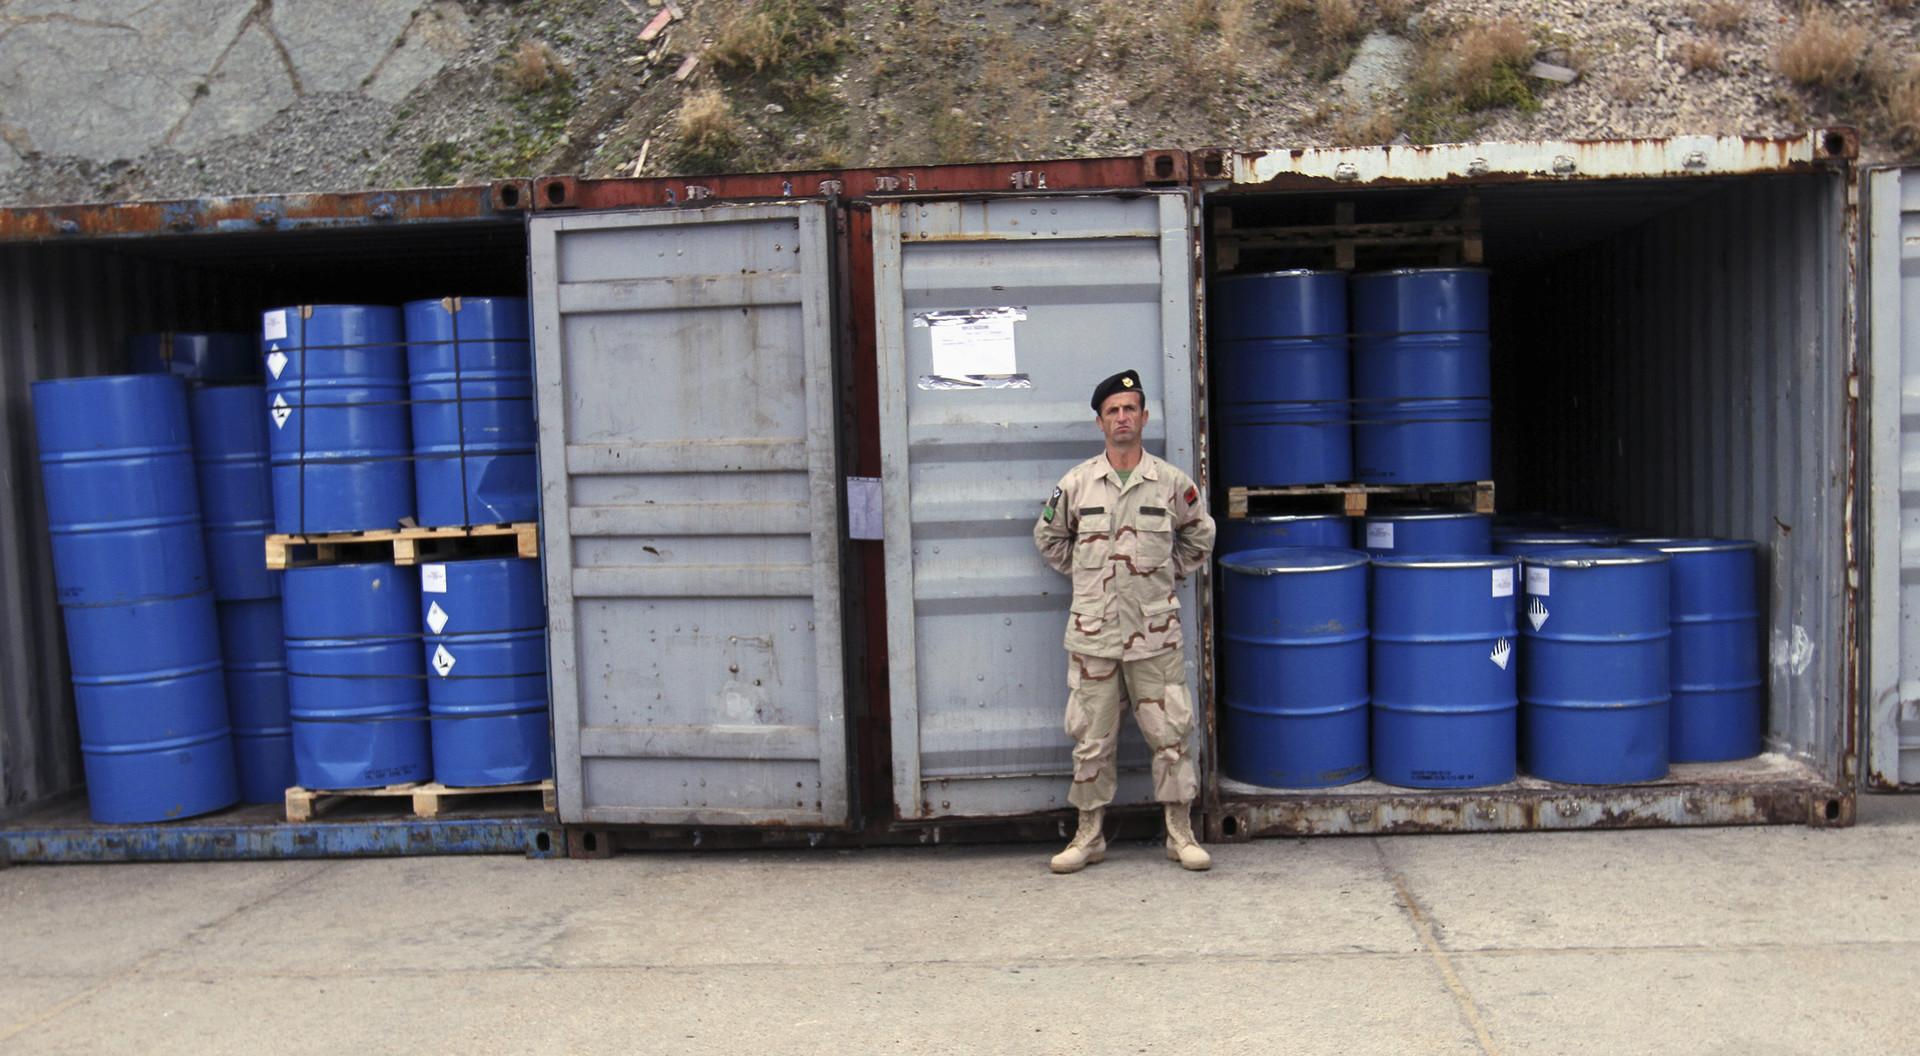 السلاح الكيميائي السوري الذي تم تدميره